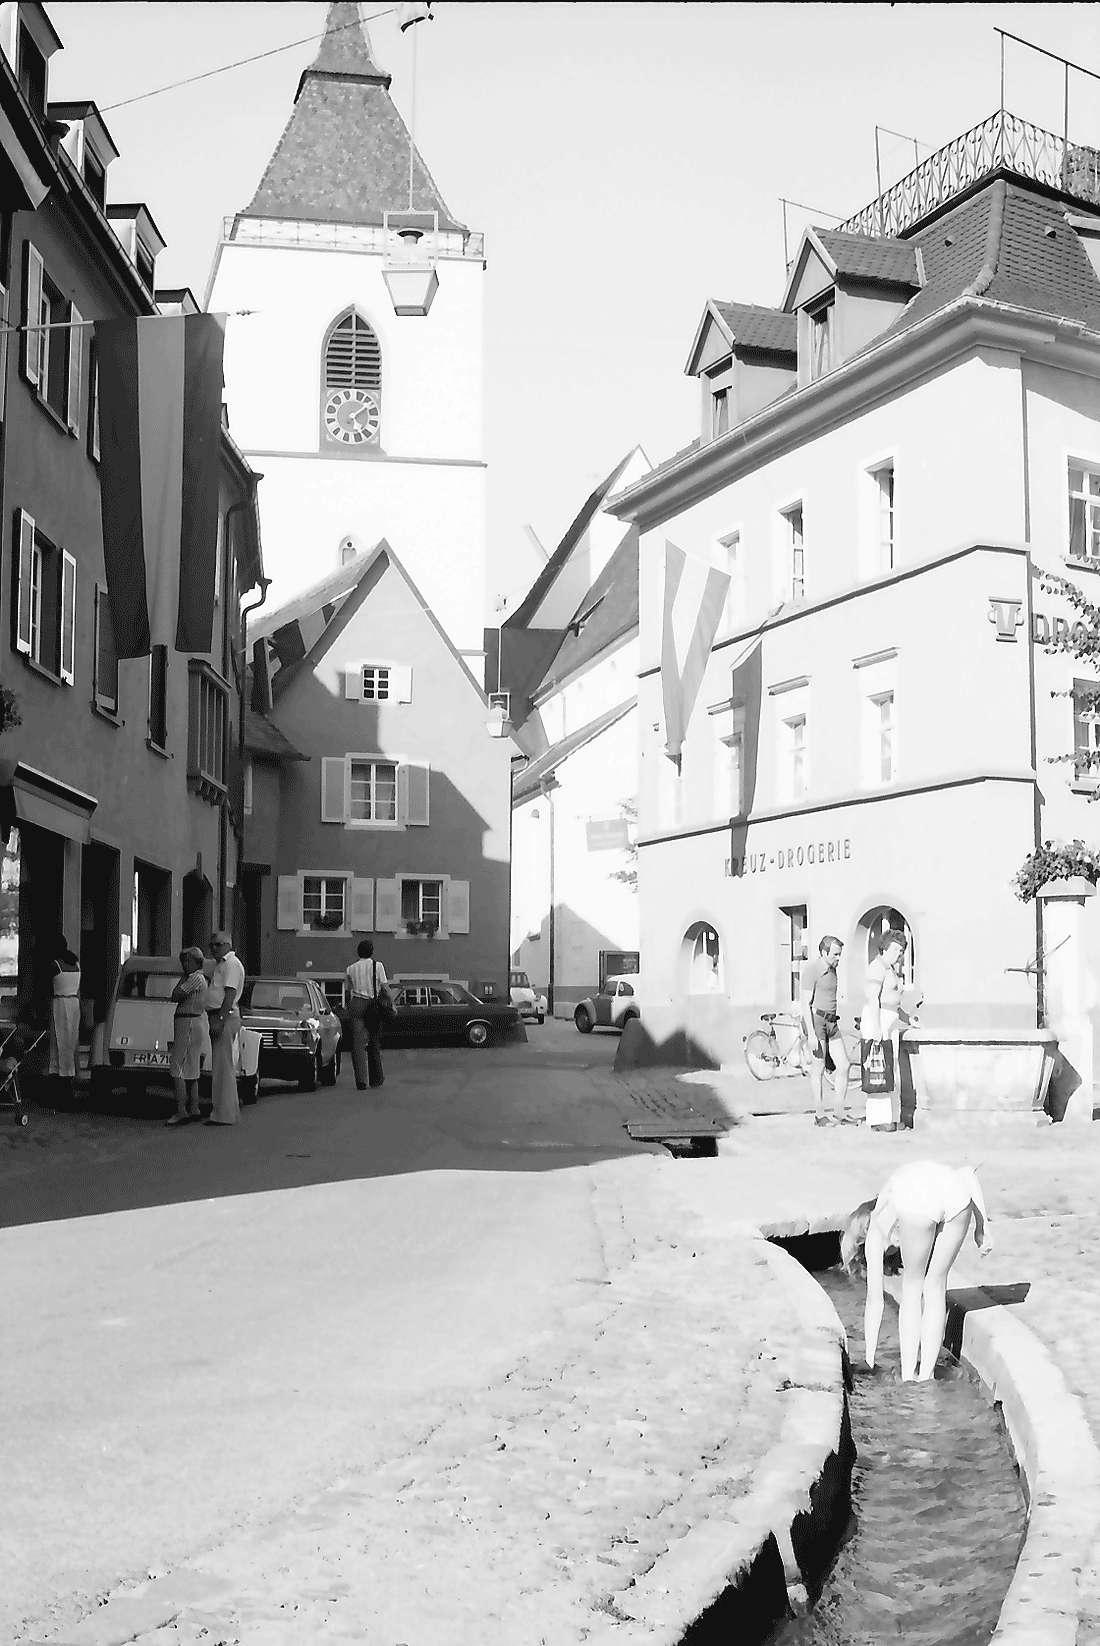 Staufen: Gasse mit Kirche und Bächle, Bild 2